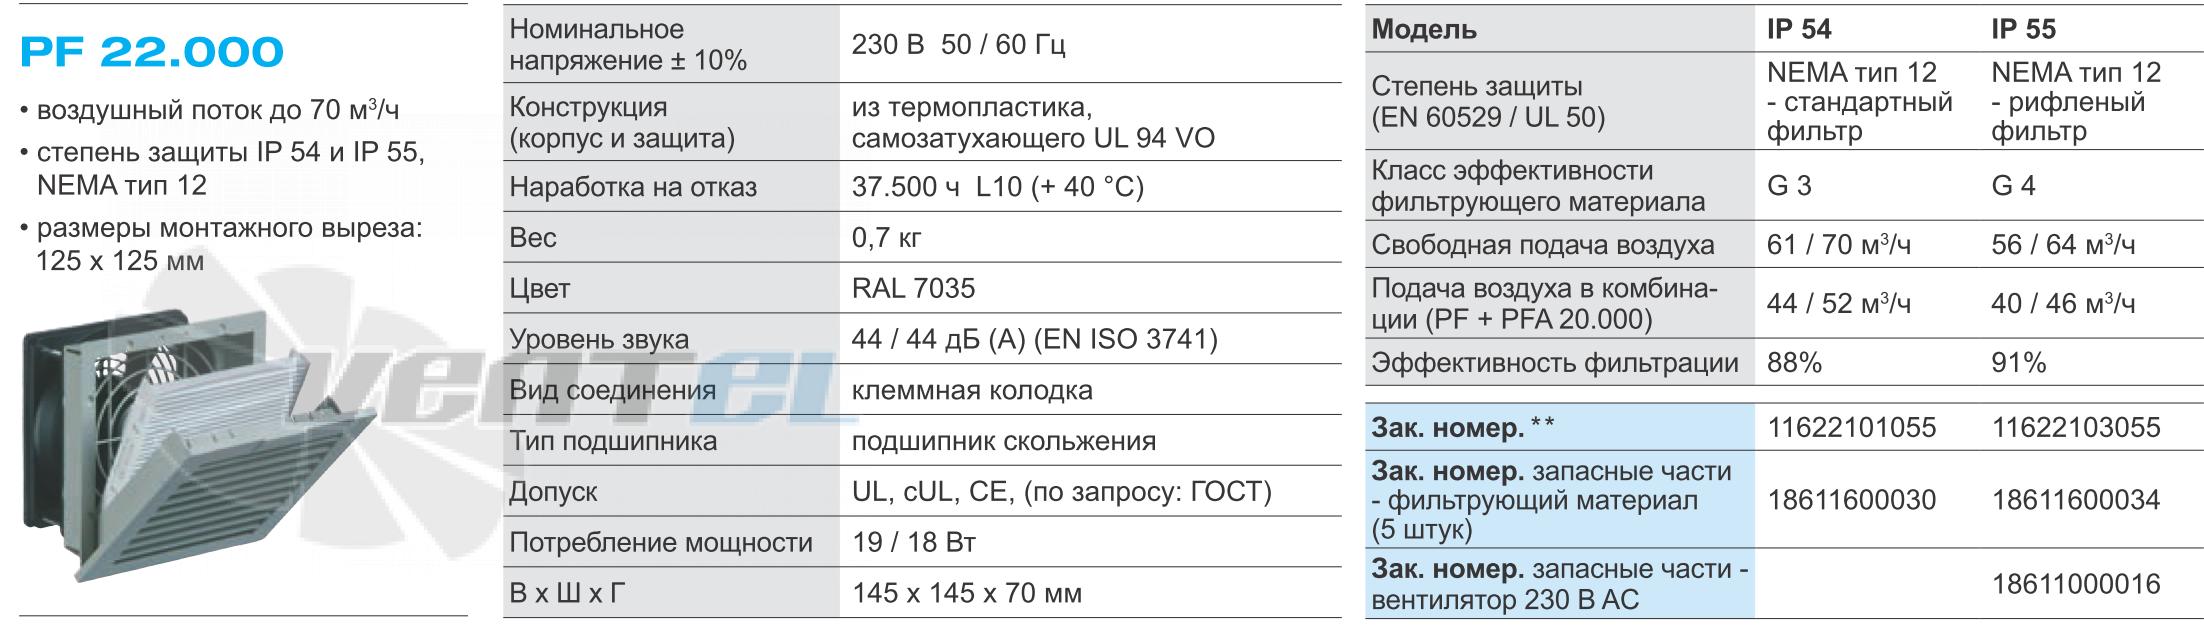 Рабочие параметры вентилятора Pfannenberg PF 22.000